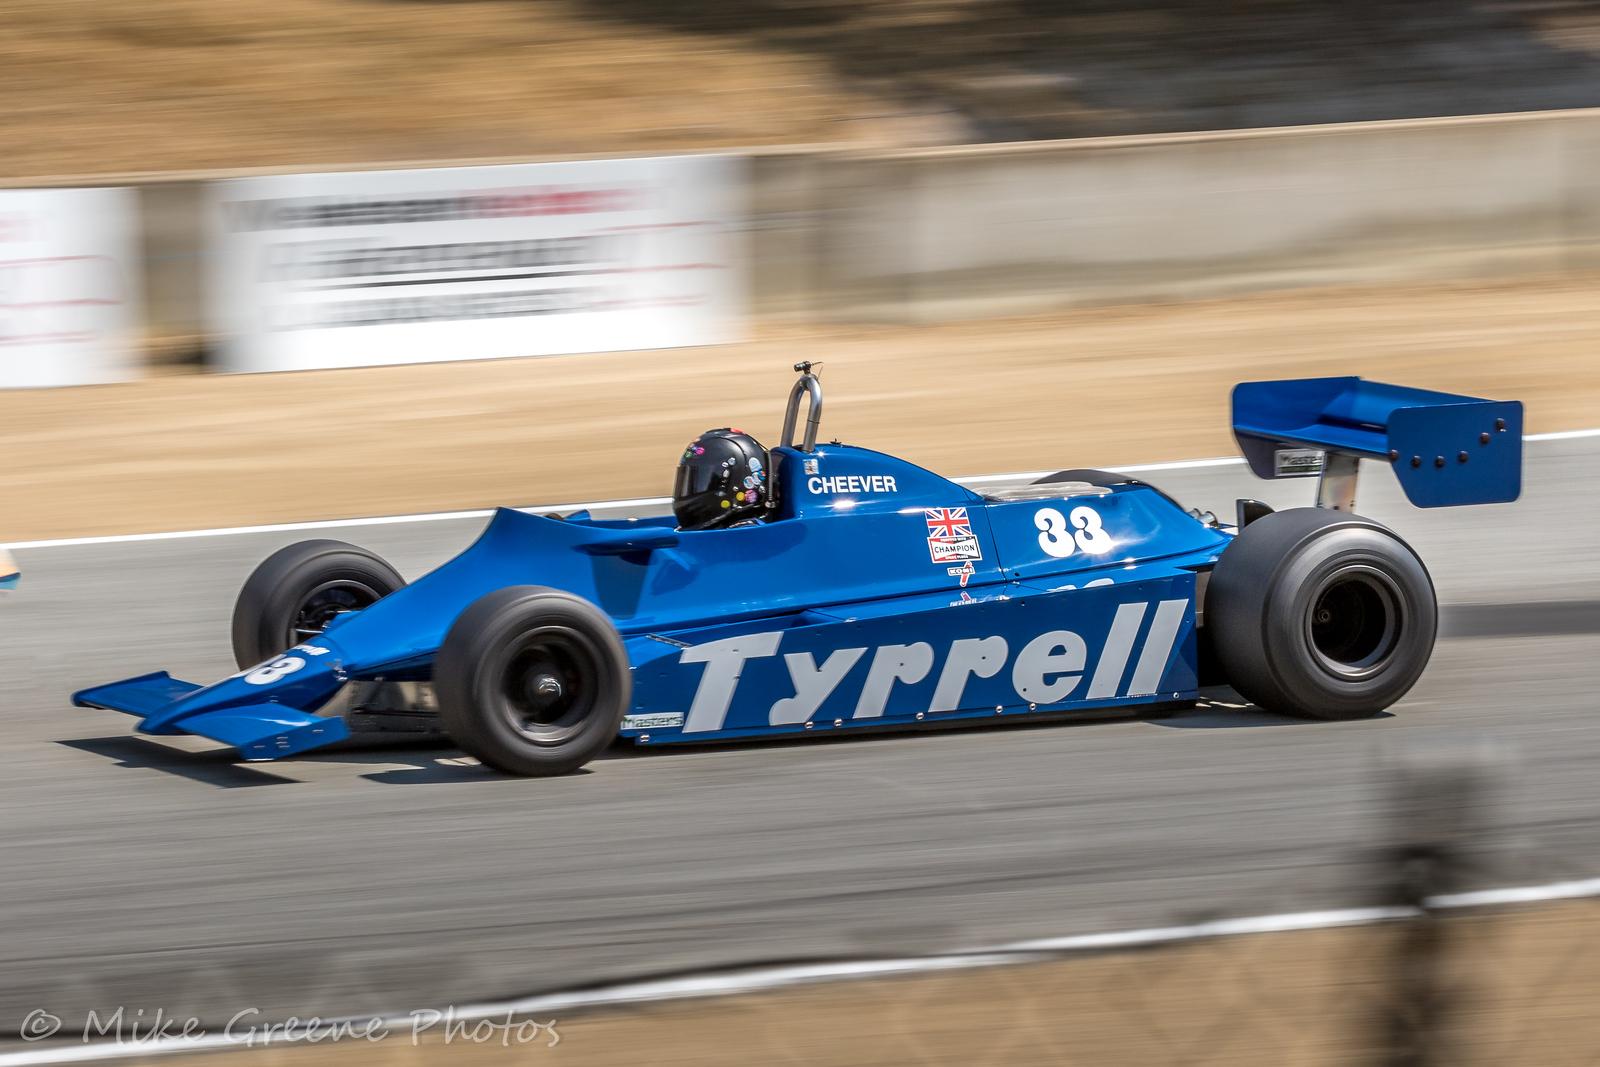 IMAGE: https://photos.smugmug.com/Events-Automotive/2021-Laguna-Seca-Monterey-Rolex-Motorsports-Reunion/i-9qhkTLc/0/2ec2be87/X3/9C4A6731-X3.jpg